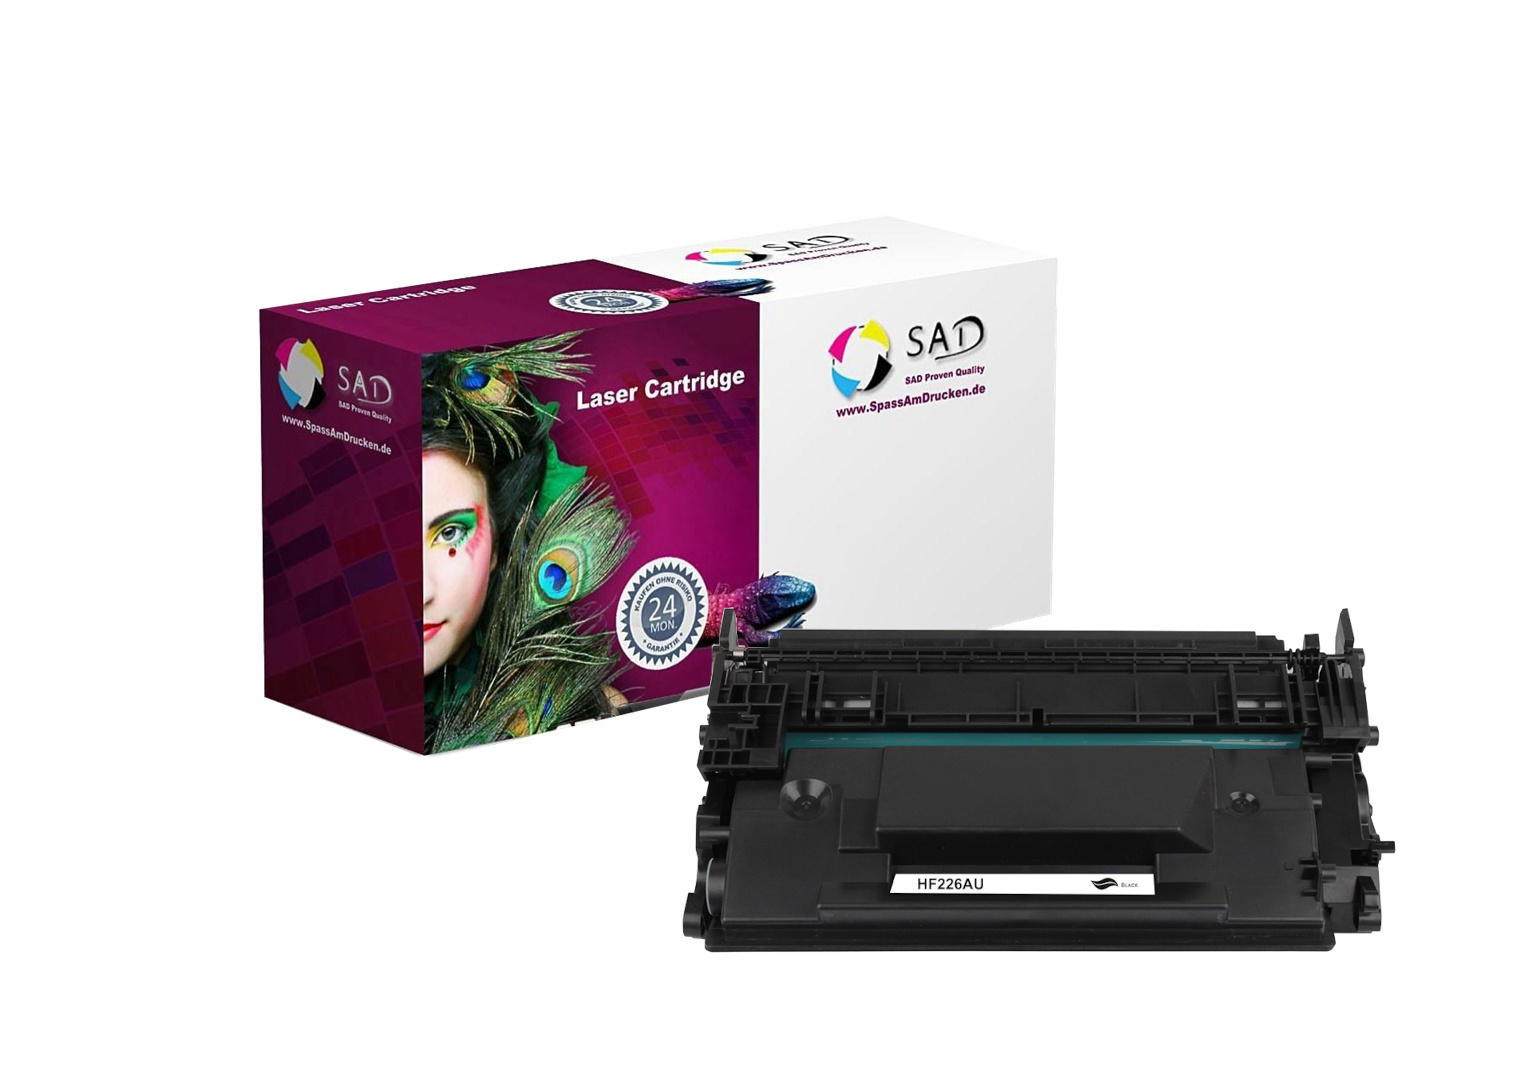 SAD Premium Toner komp. mit HP 26A / CF226A black ca. 3.100 Seiten